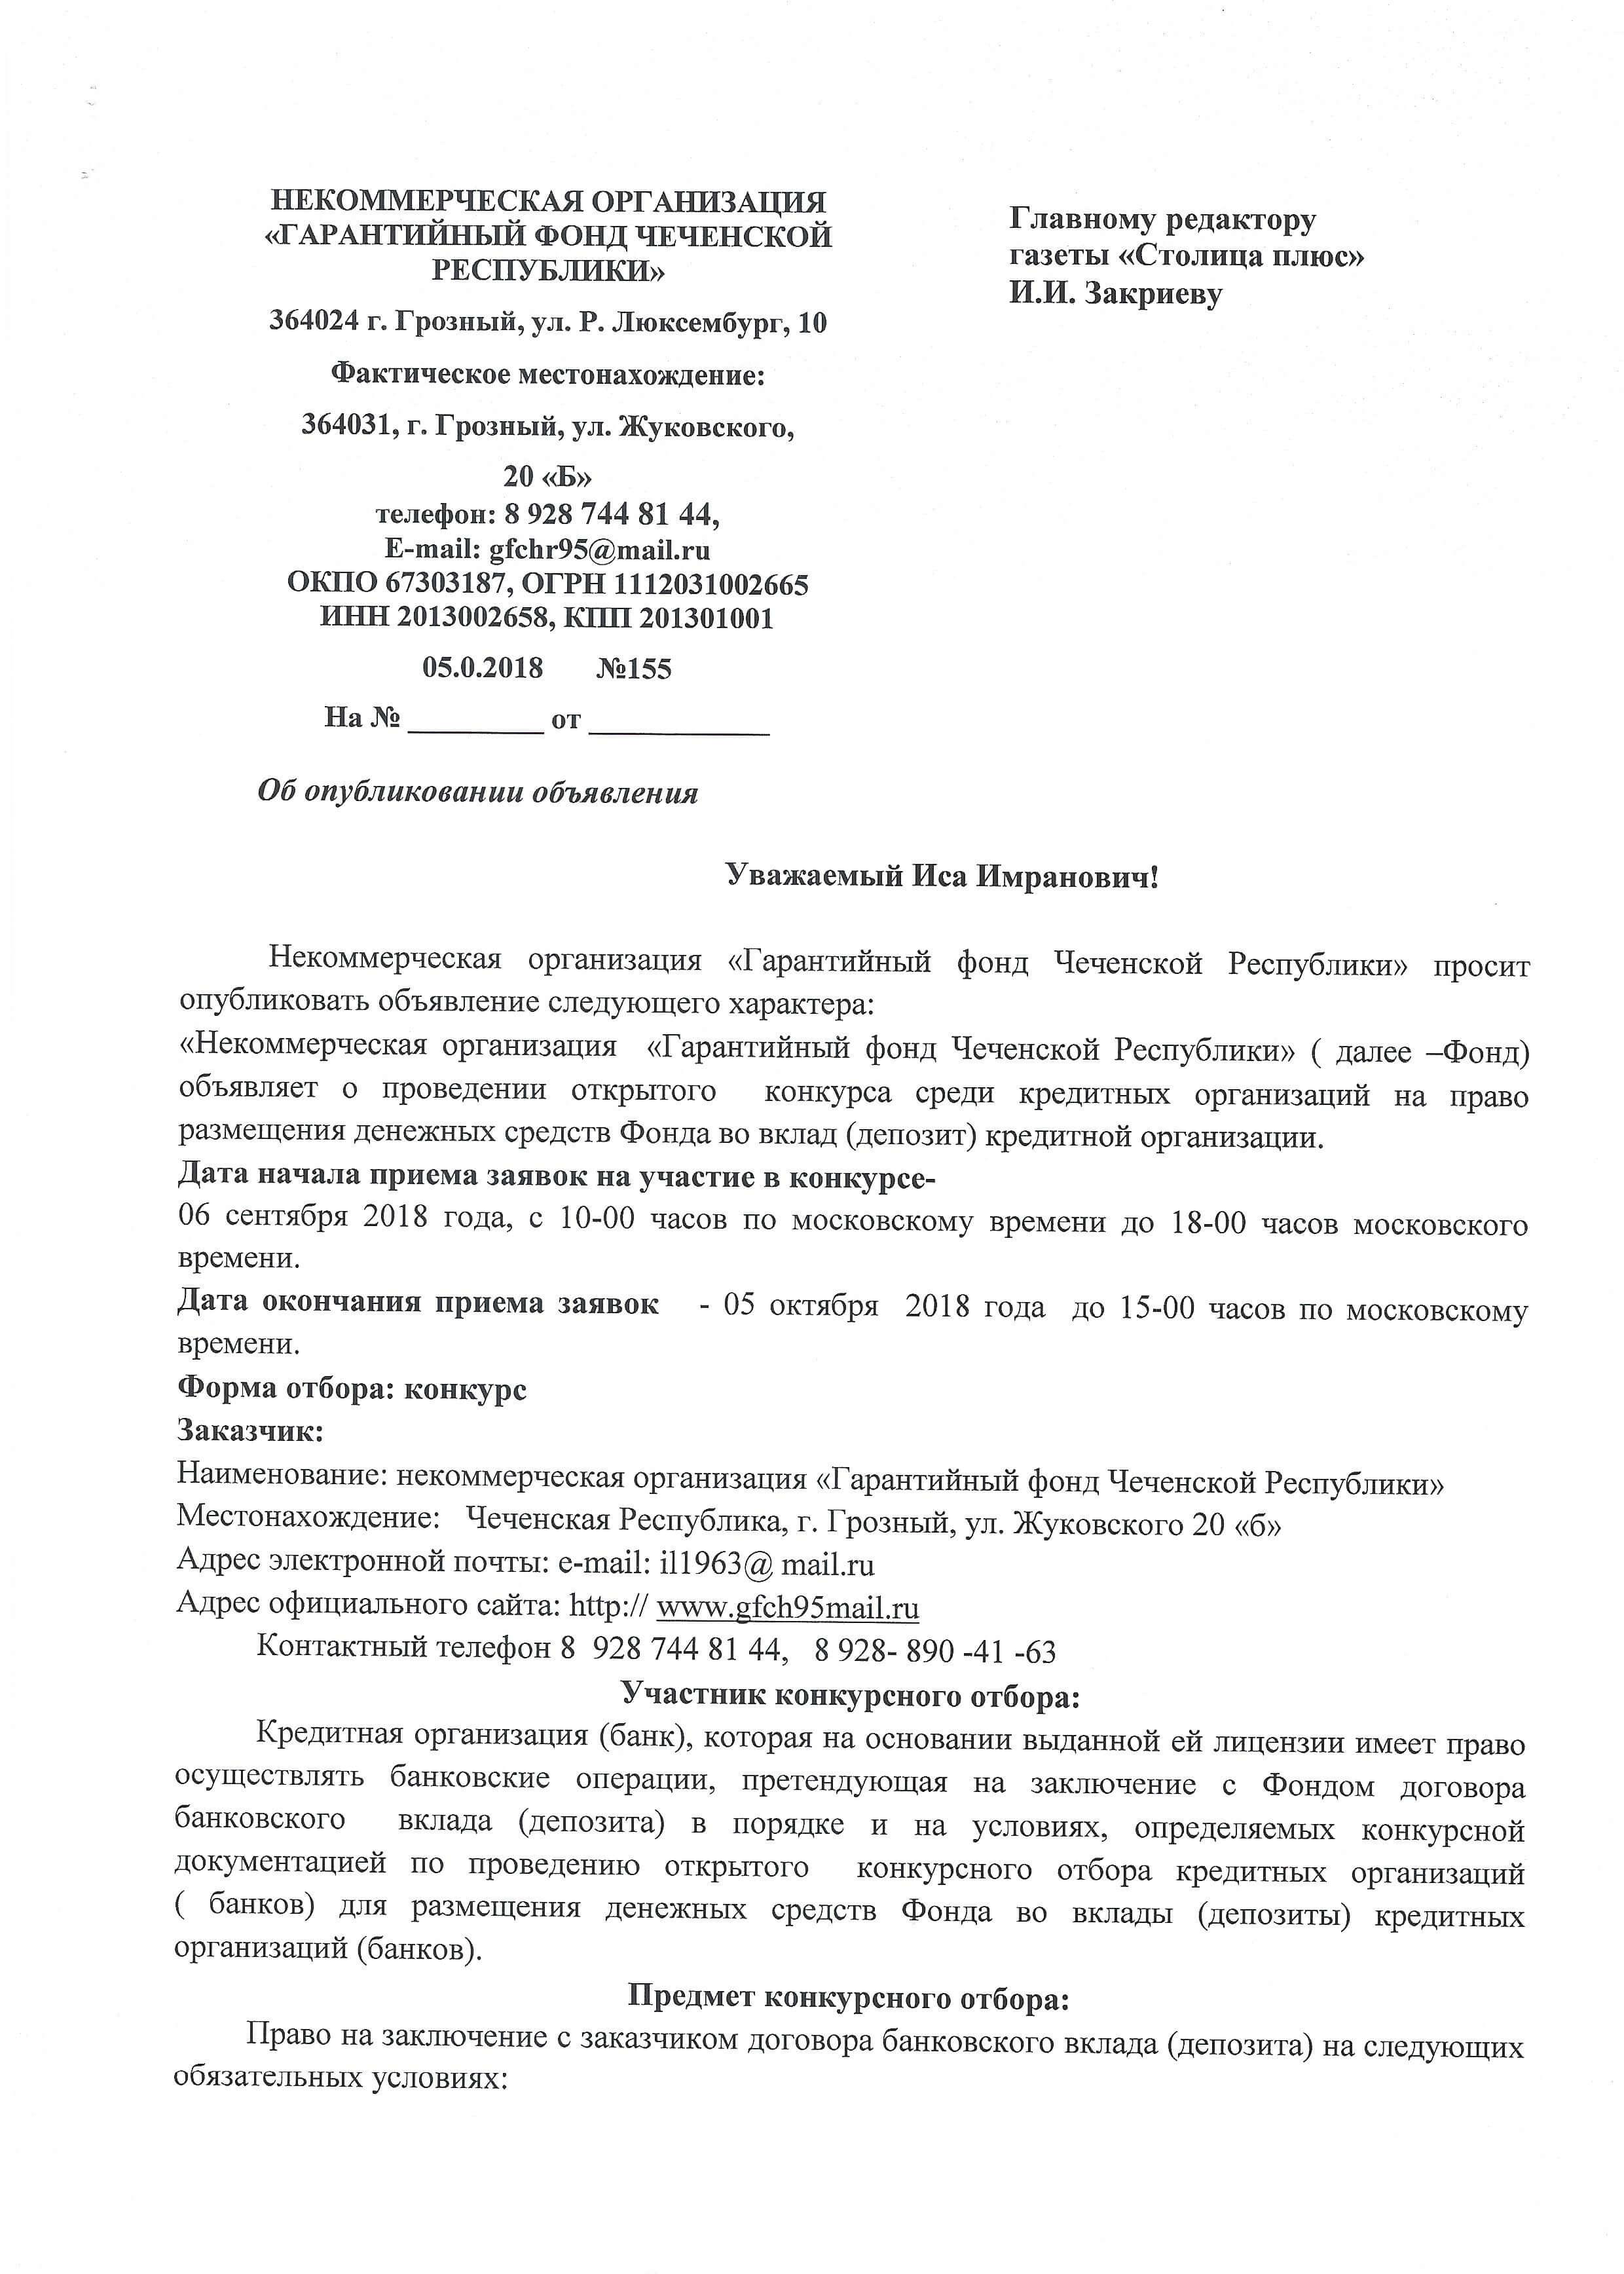 Pismo_o_razmeshenii_obiyavleniya_konkersa_1